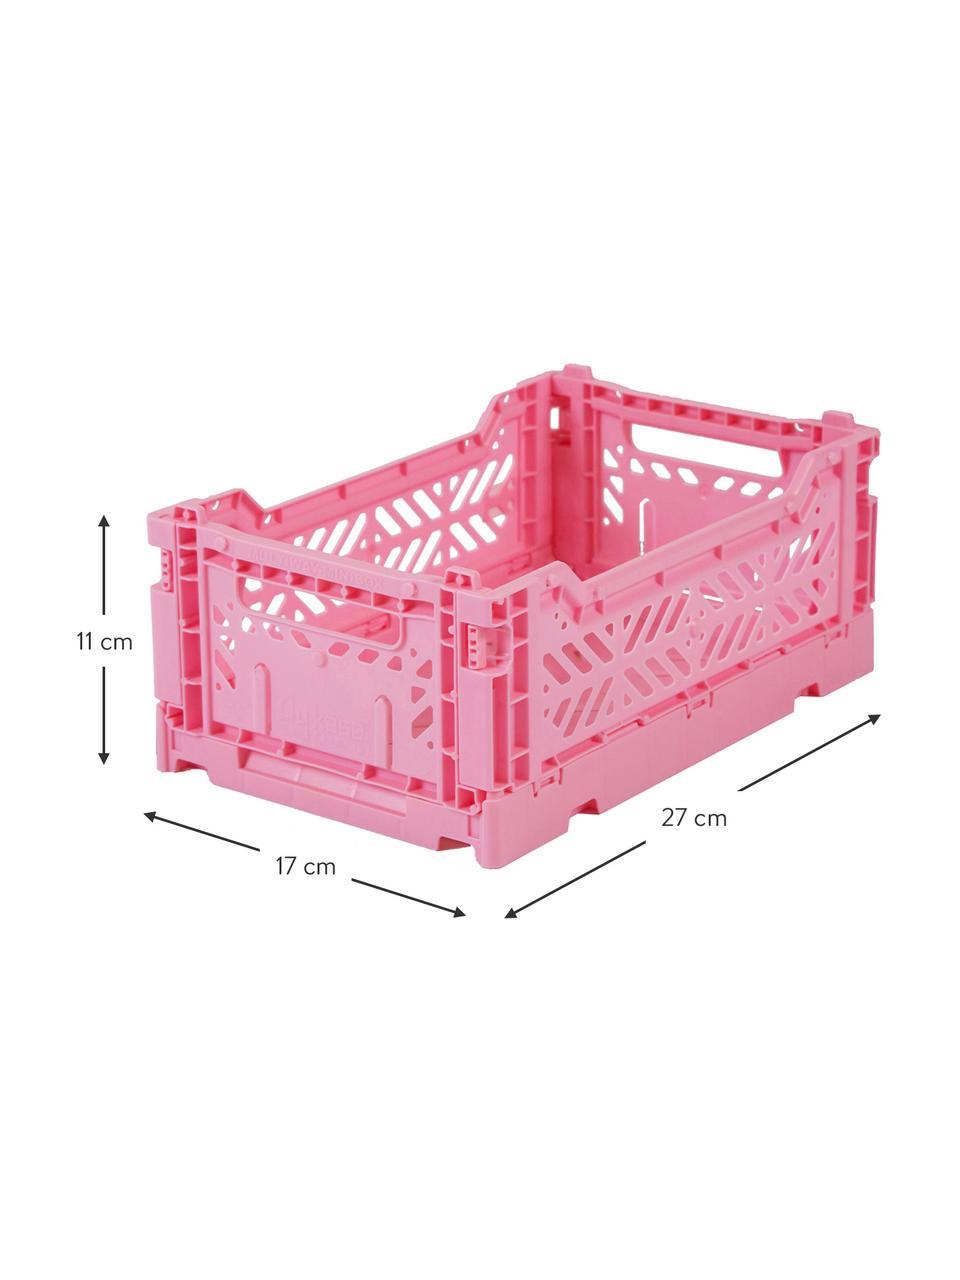 Cesto piccolo pieghevole e impilabile Baby Pink, Materiale sintetico riciclato, Rosa, Larg. 27 x Alt. 11 cm